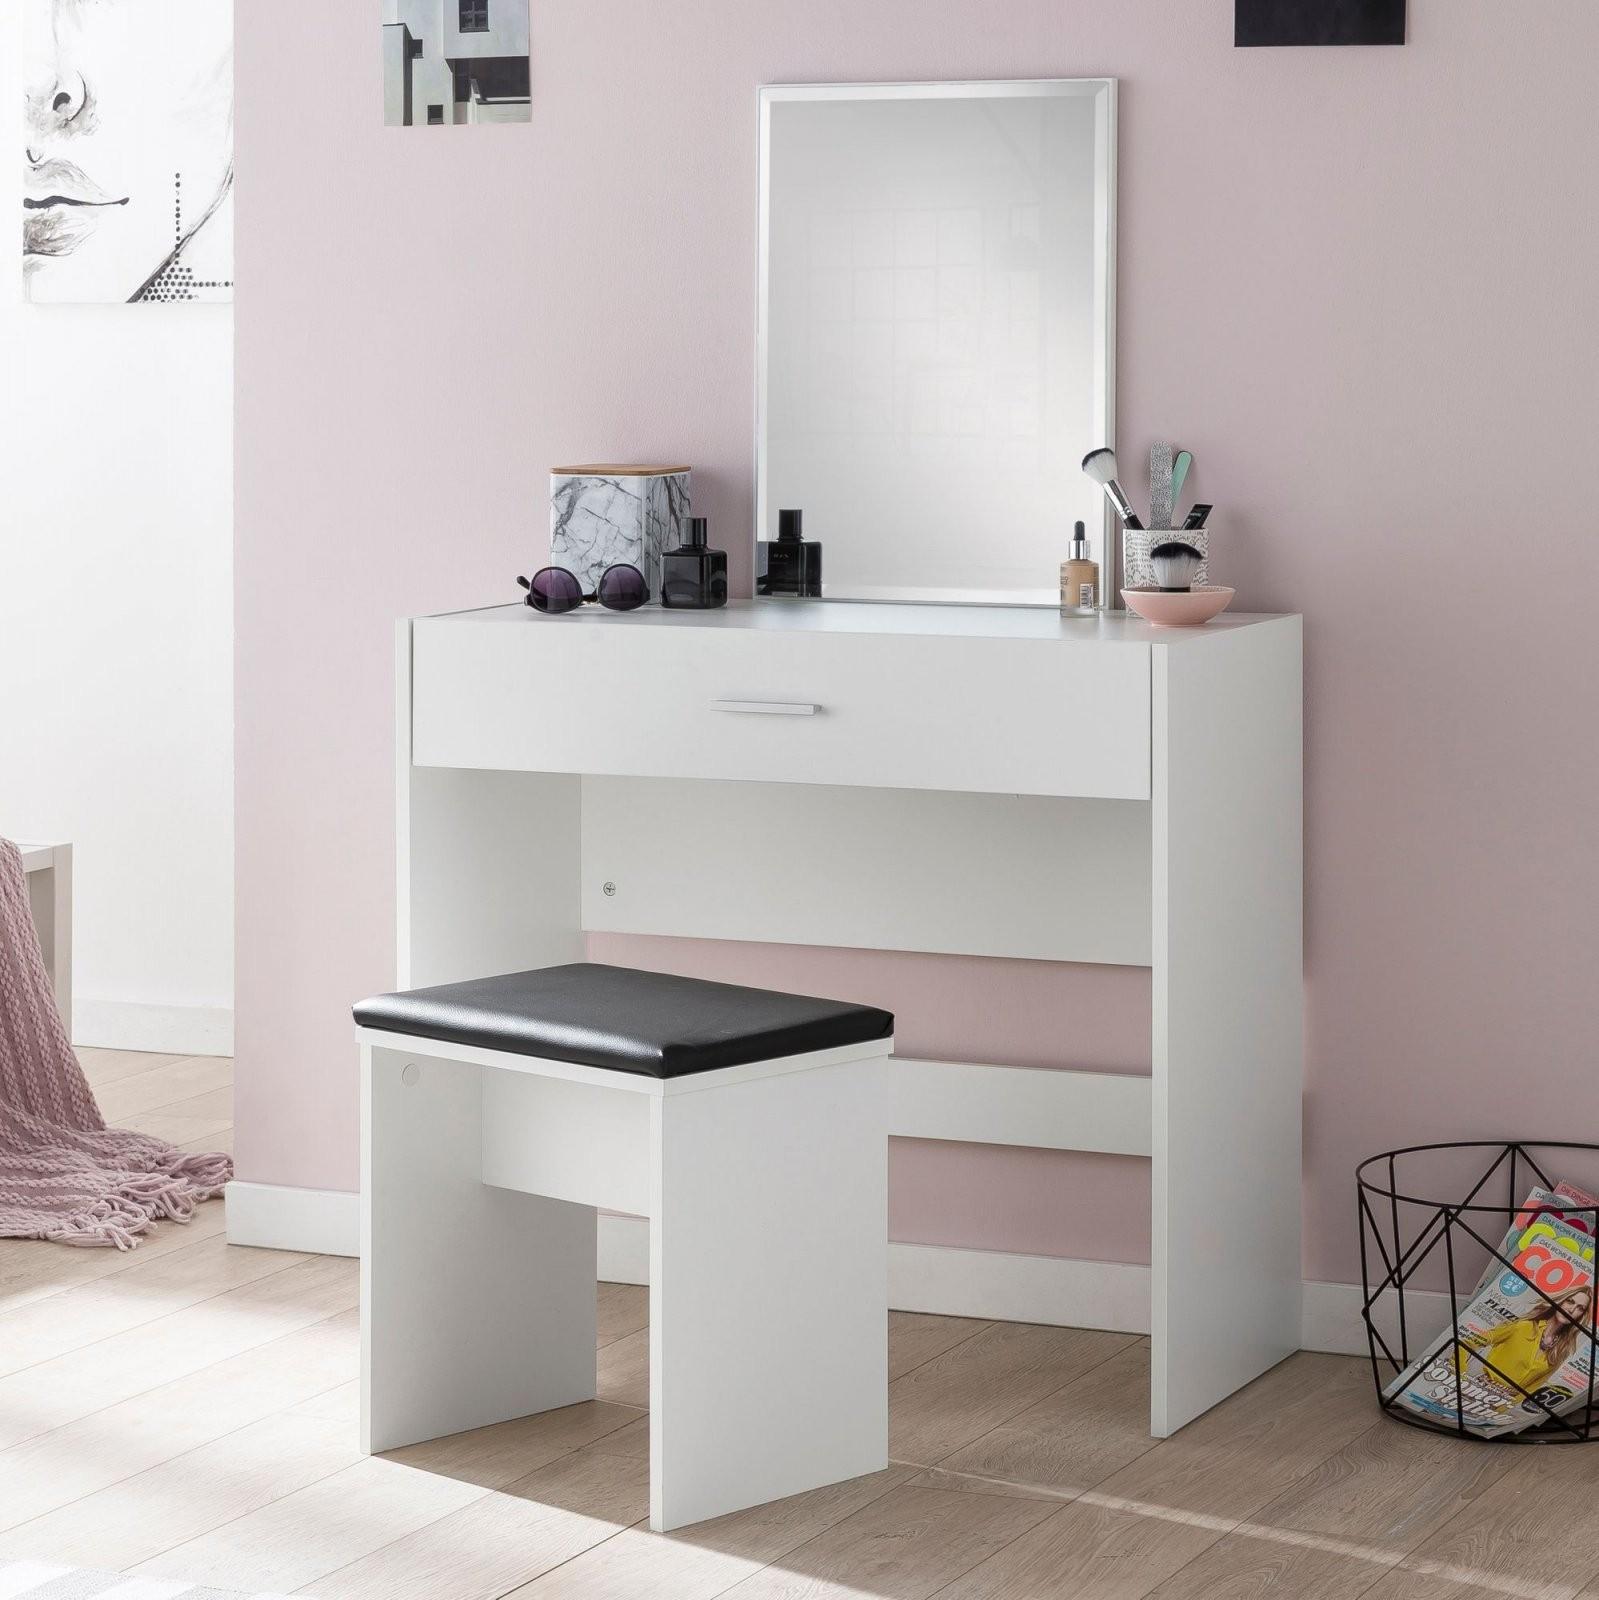 Finebuy Schminktisch Mit Spiegel Und Hocker 81 X 131 X 39 Cm Weiß von Schminktisch Modern Mit Spiegel Photo